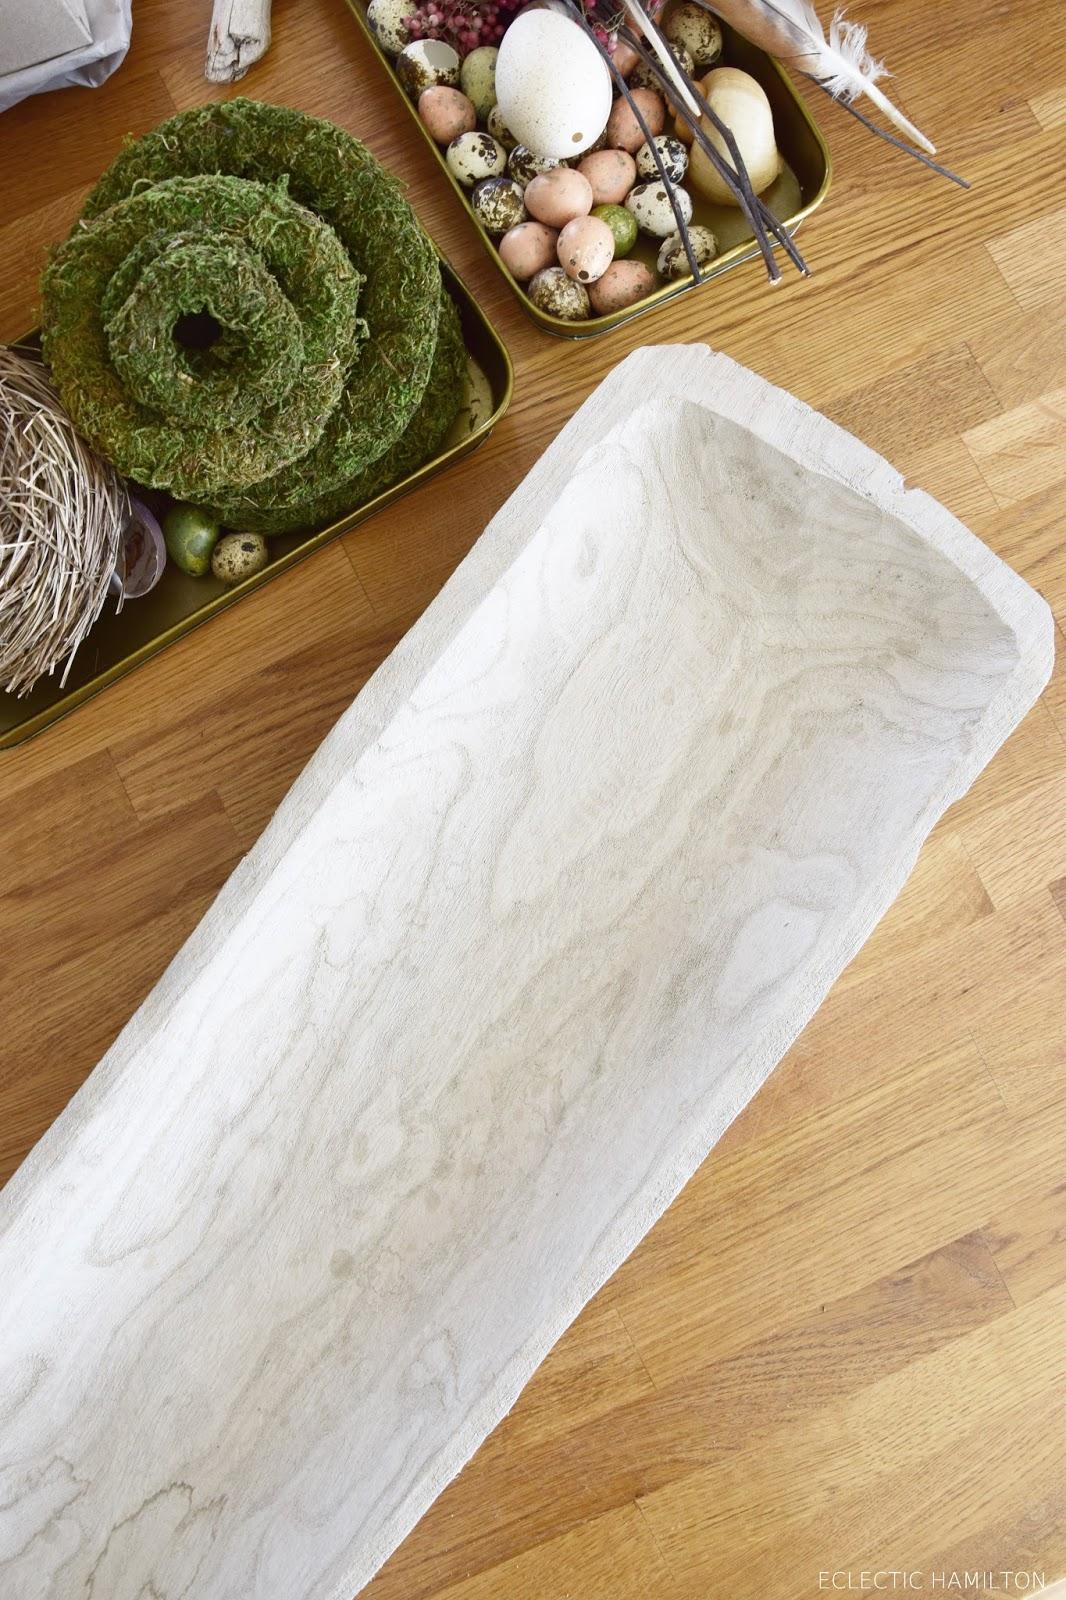 DIY Deko Frühling Frühjahr mit Hyazinthe Pfefferbeeren Moos: natürlich dekorieren für Tisch und Sideboard. Tischdeko Natur selbermachen